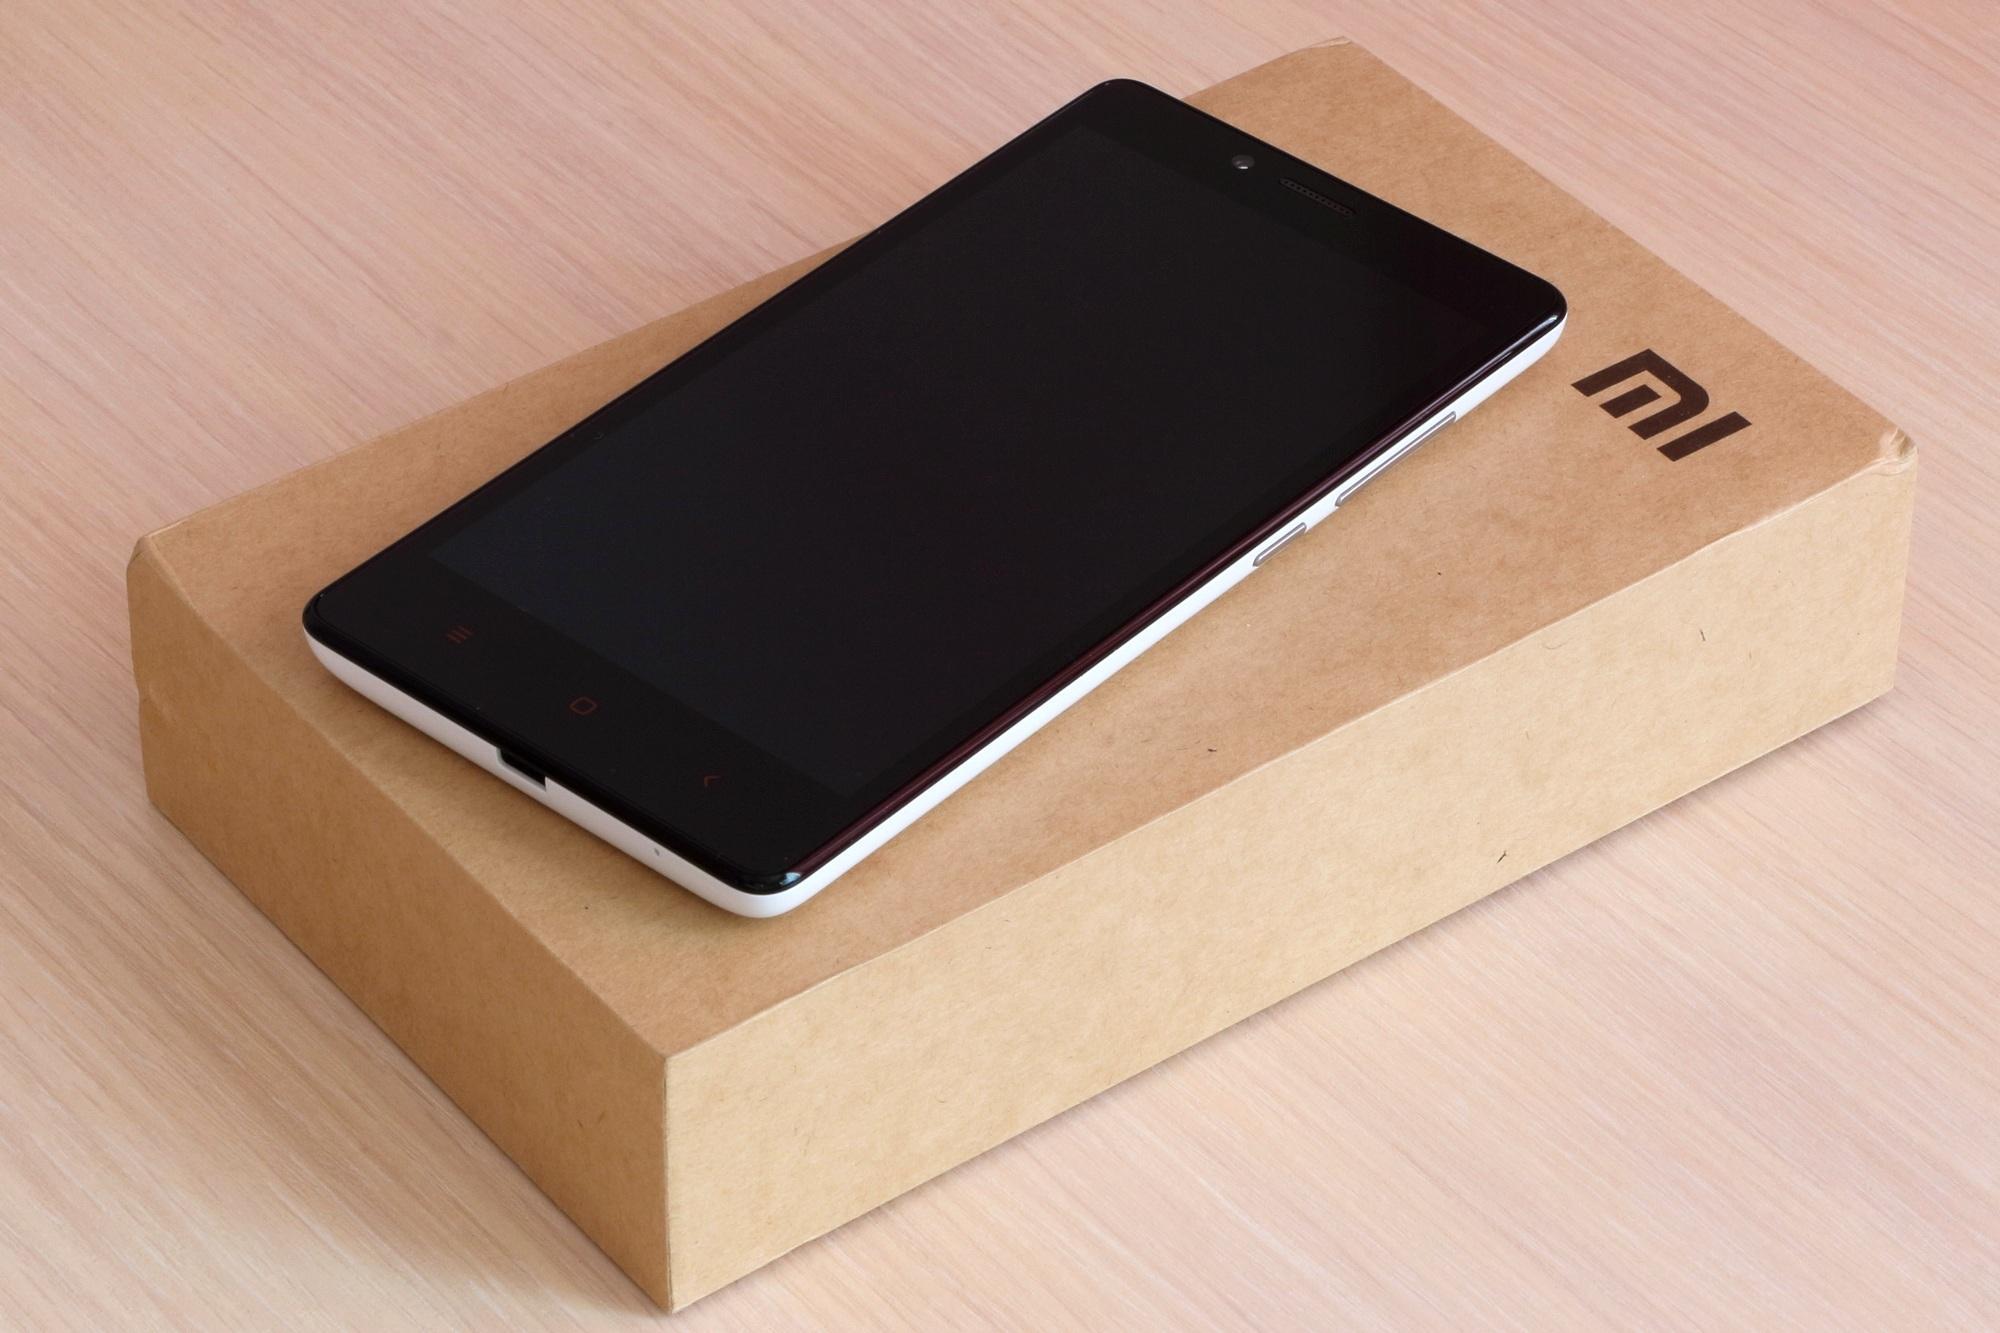 Обнародованы настоящие фотографии Xiaomi Mi8 с бесцветной задней панелью